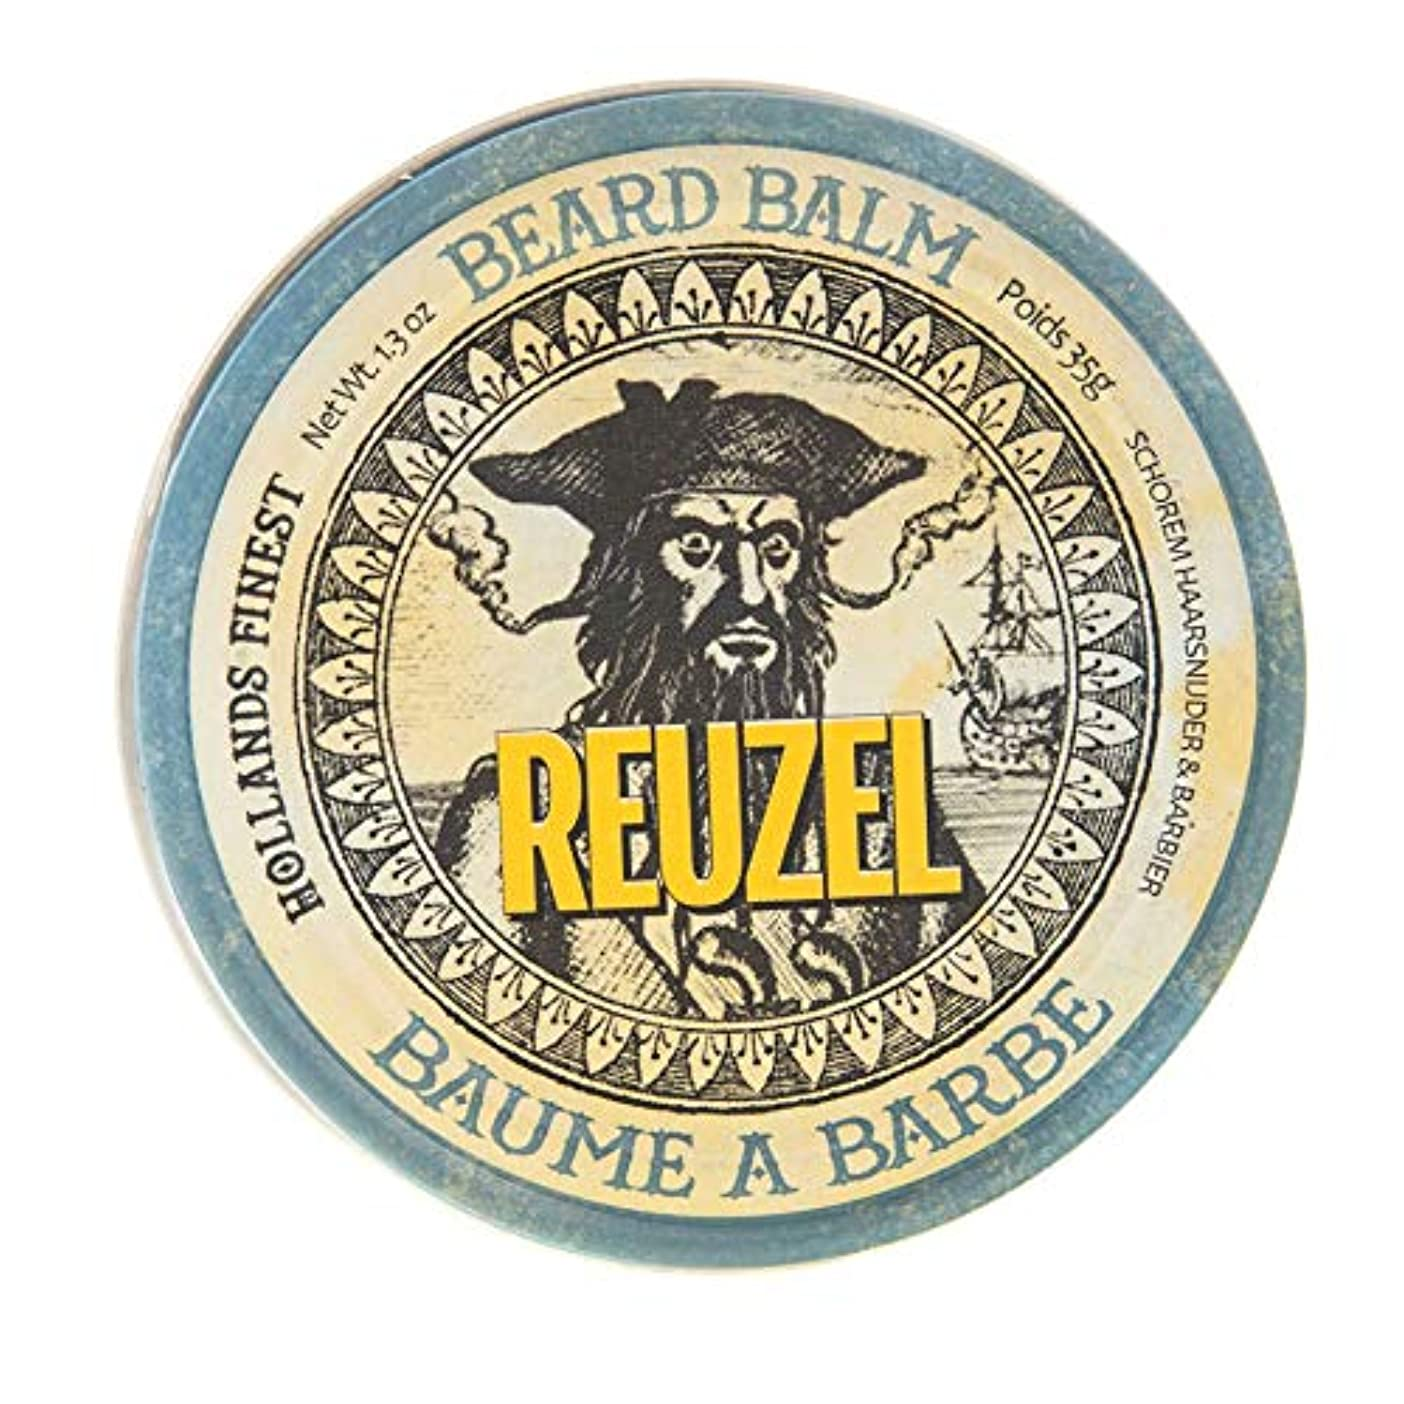 上回る説得力のある嵐ルーゾー ビアード バーム Reuzel Beard Balm 35 g [並行輸入品]